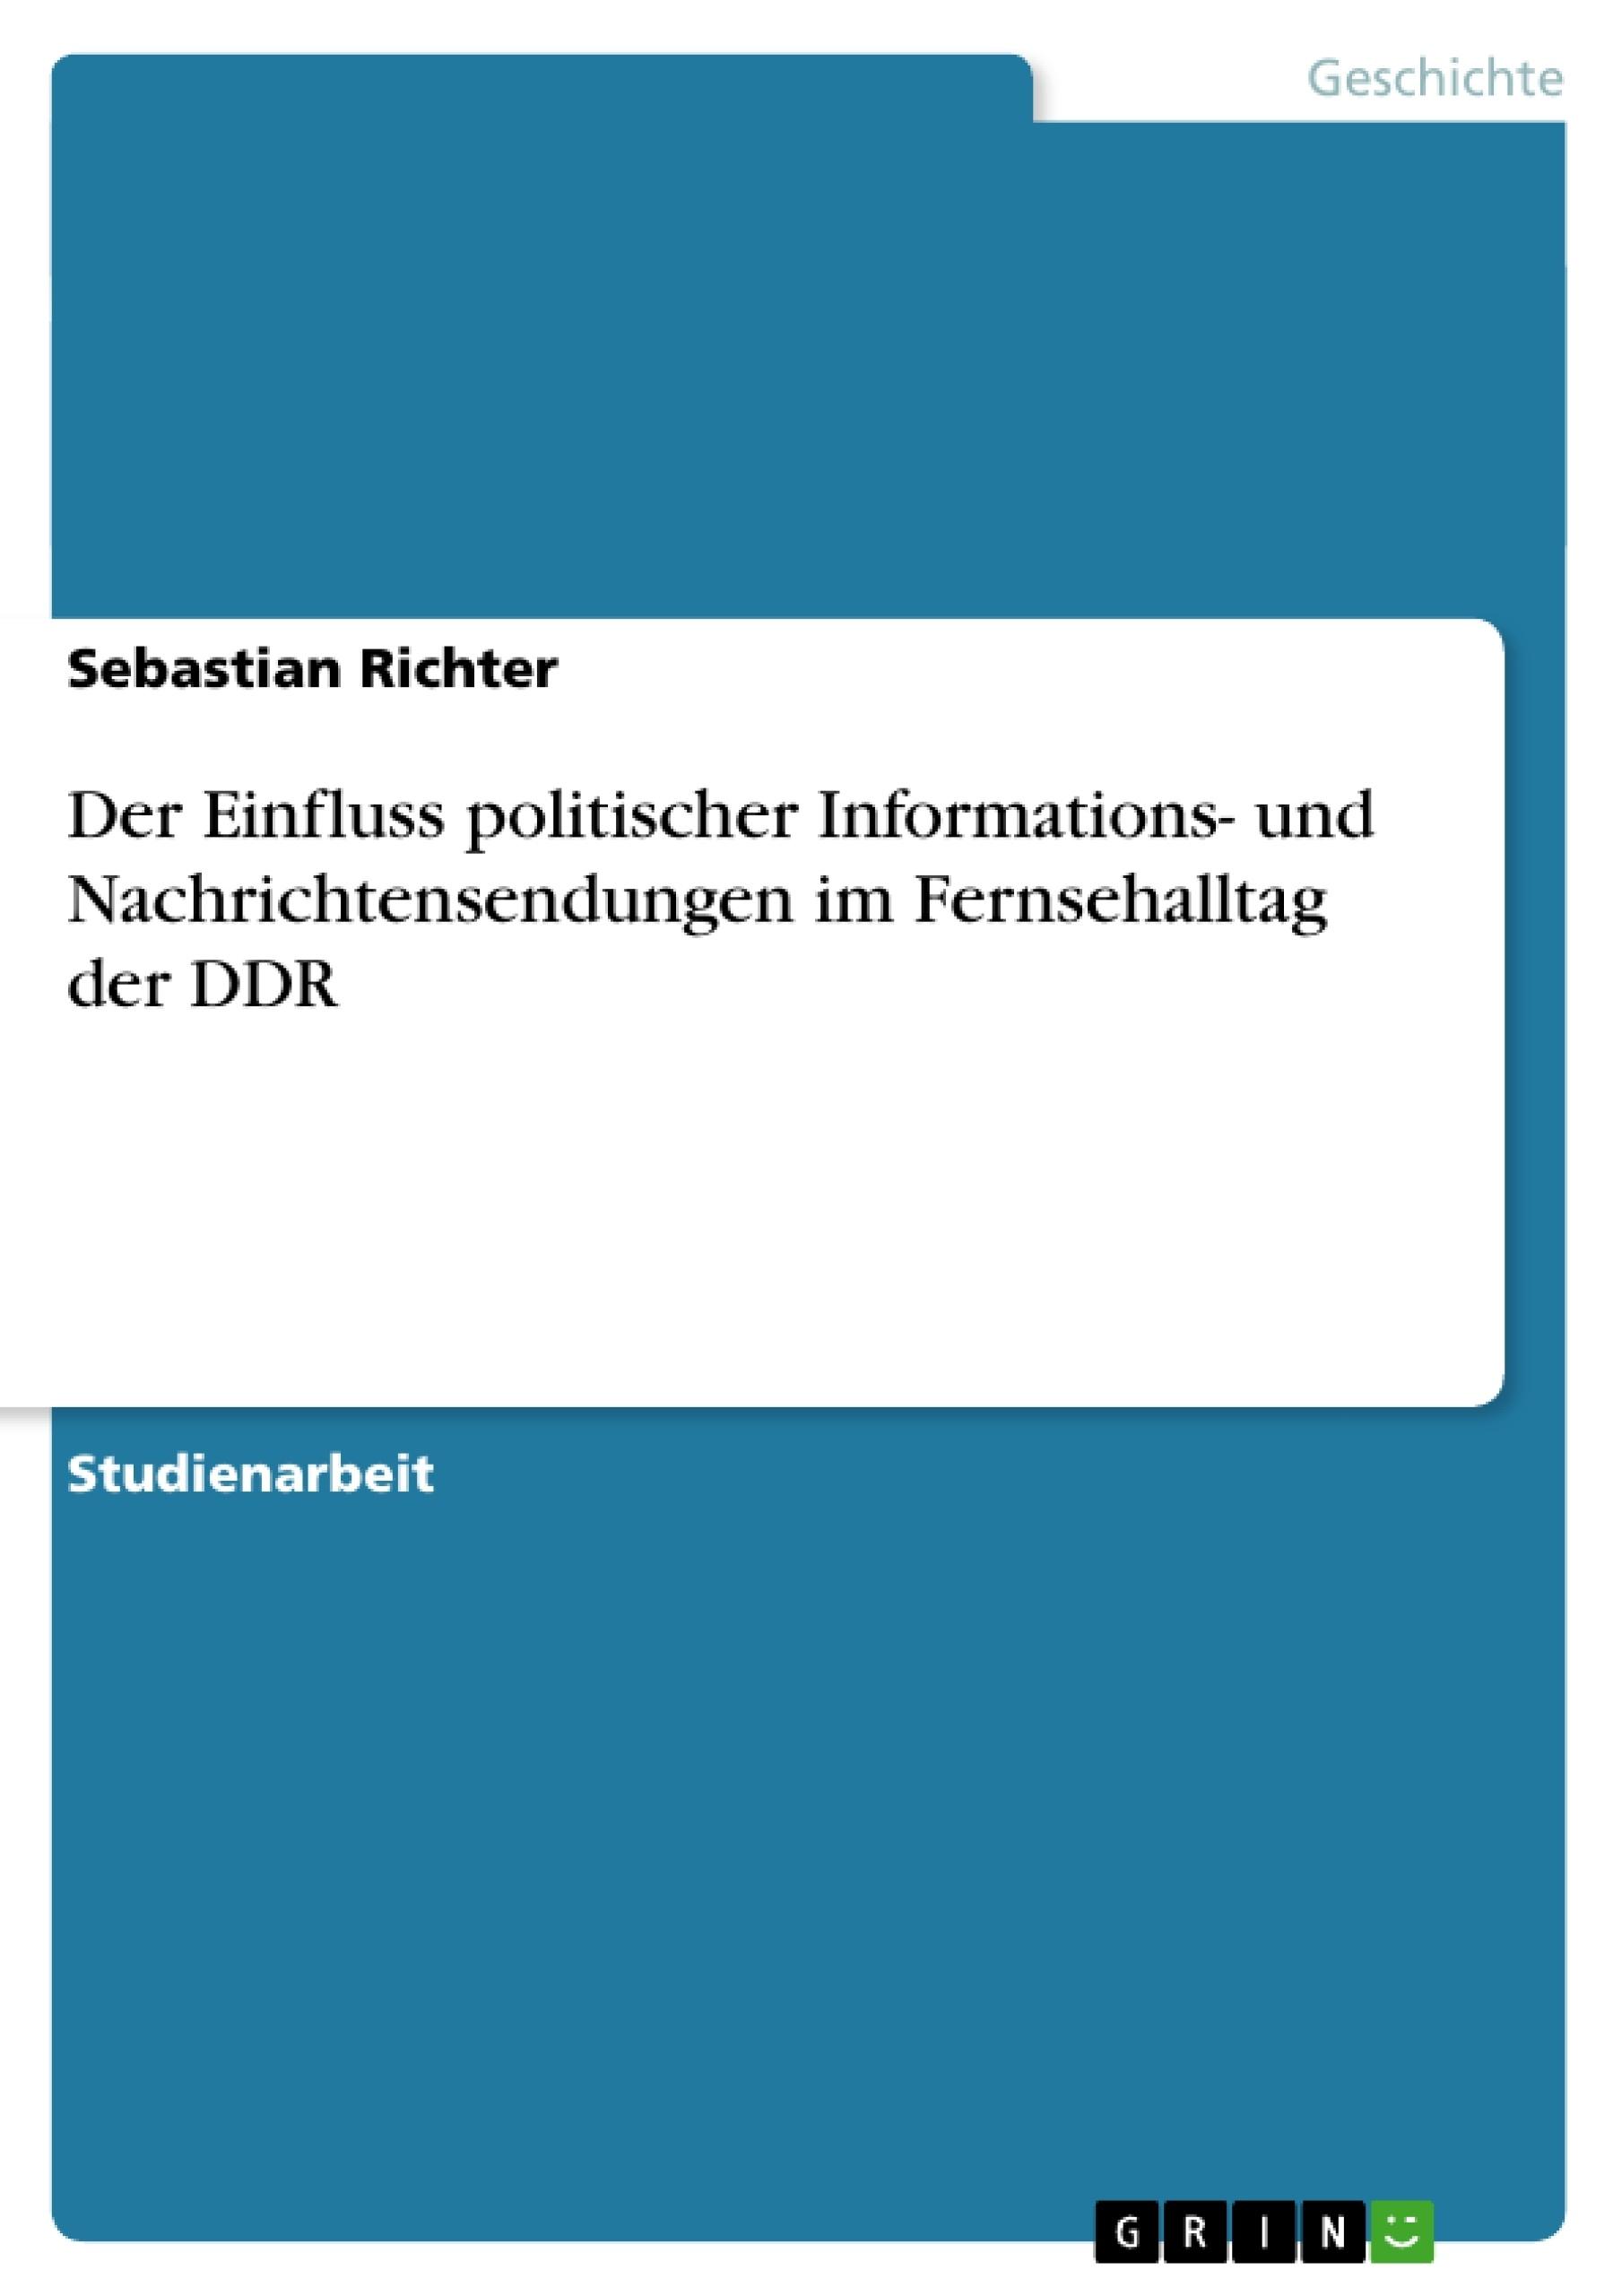 Titel: Der Einfluss politischer Informations- und Nachrichtensendungen im Fernsehalltag der DDR